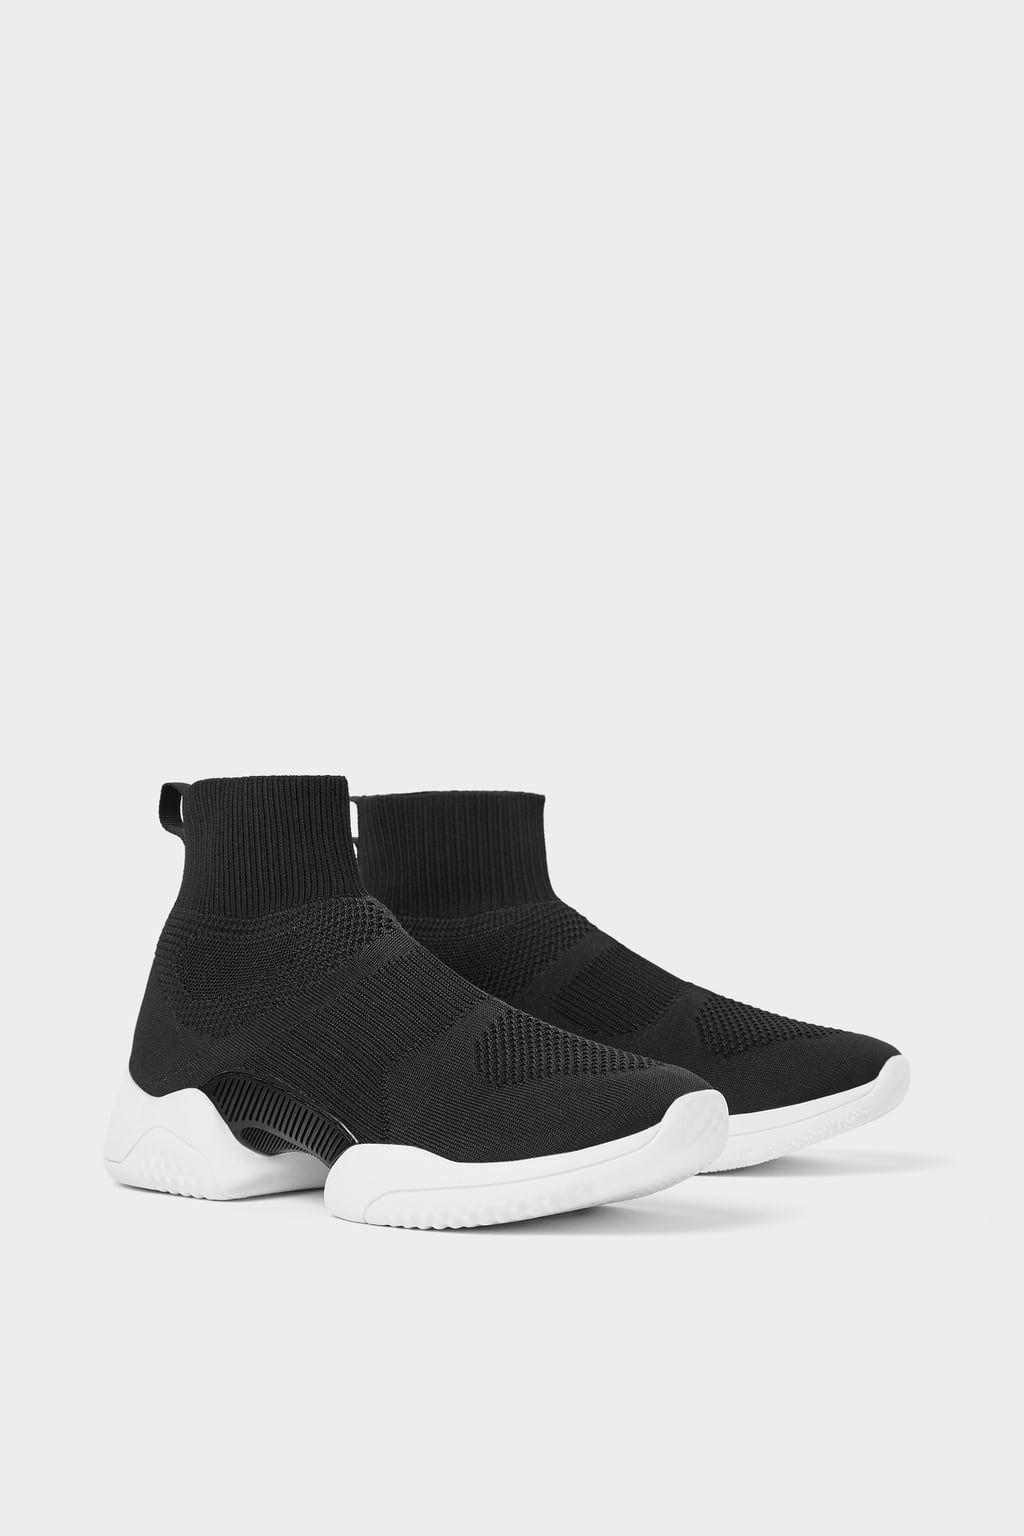 ZARA - SOCK SNEAKERS | Socks sneakers